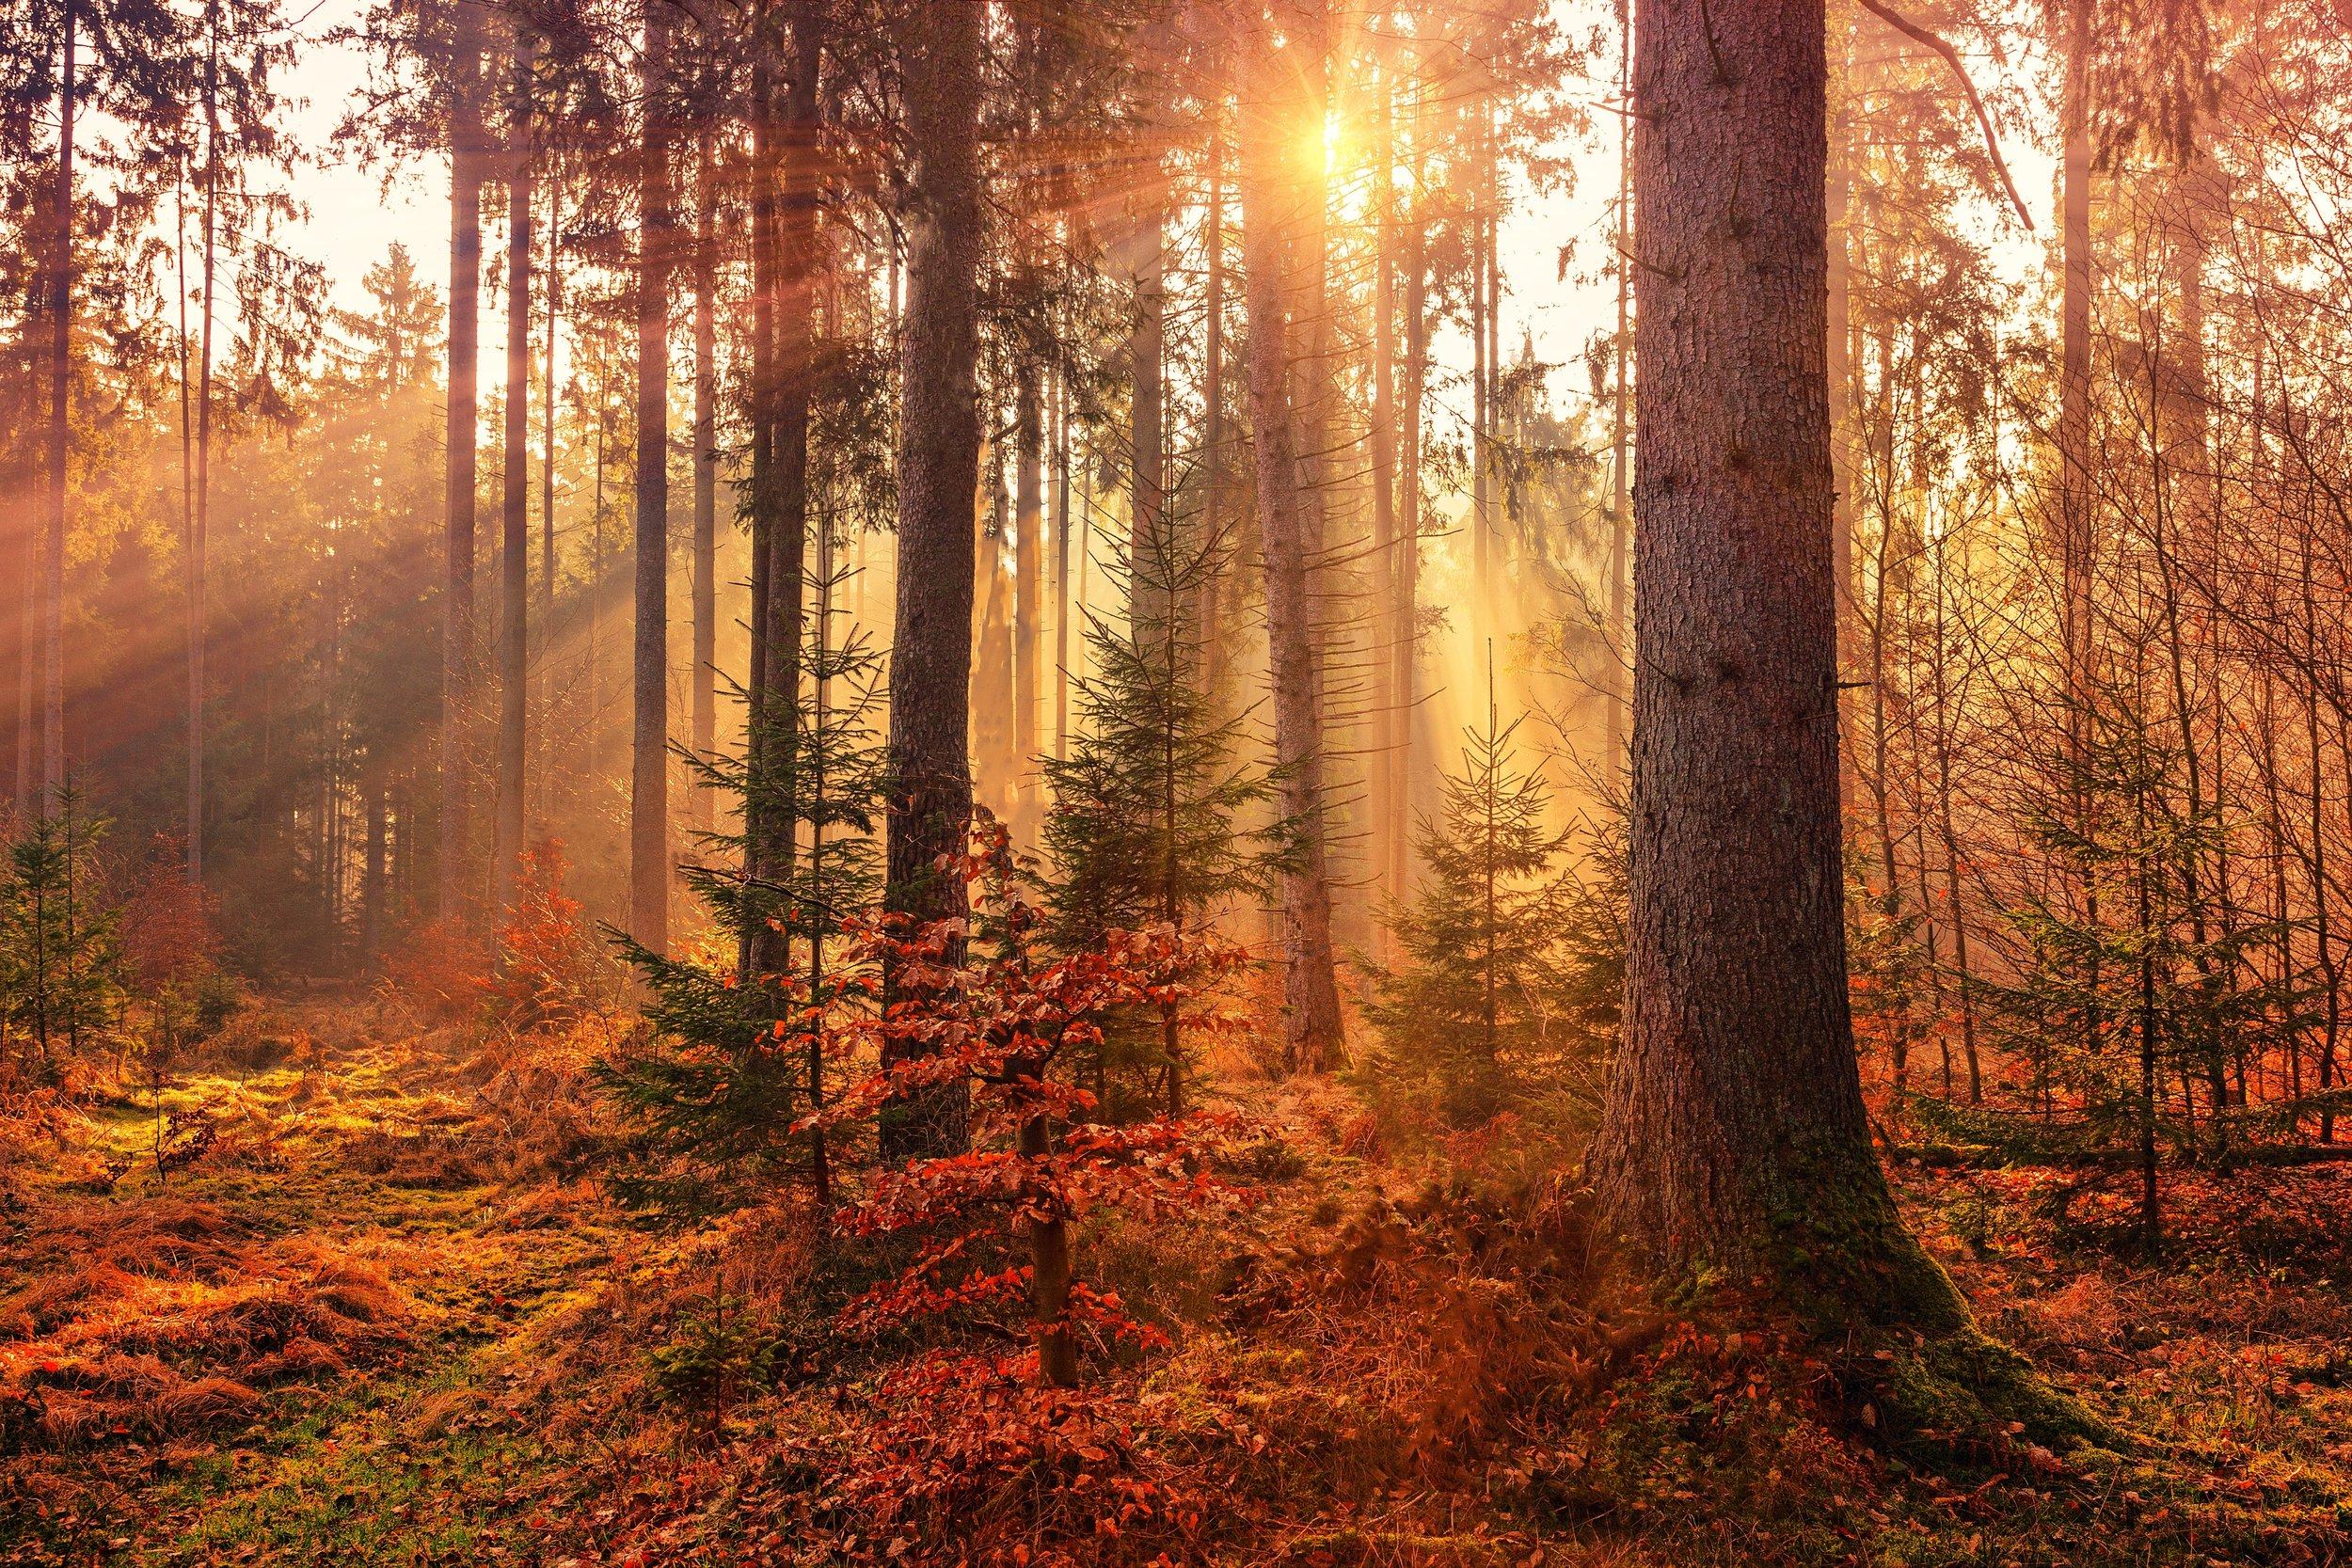 Glück ist Liebe, nichts anderes. Wer lieben kann, ist glücklich. - Hermann Hesse